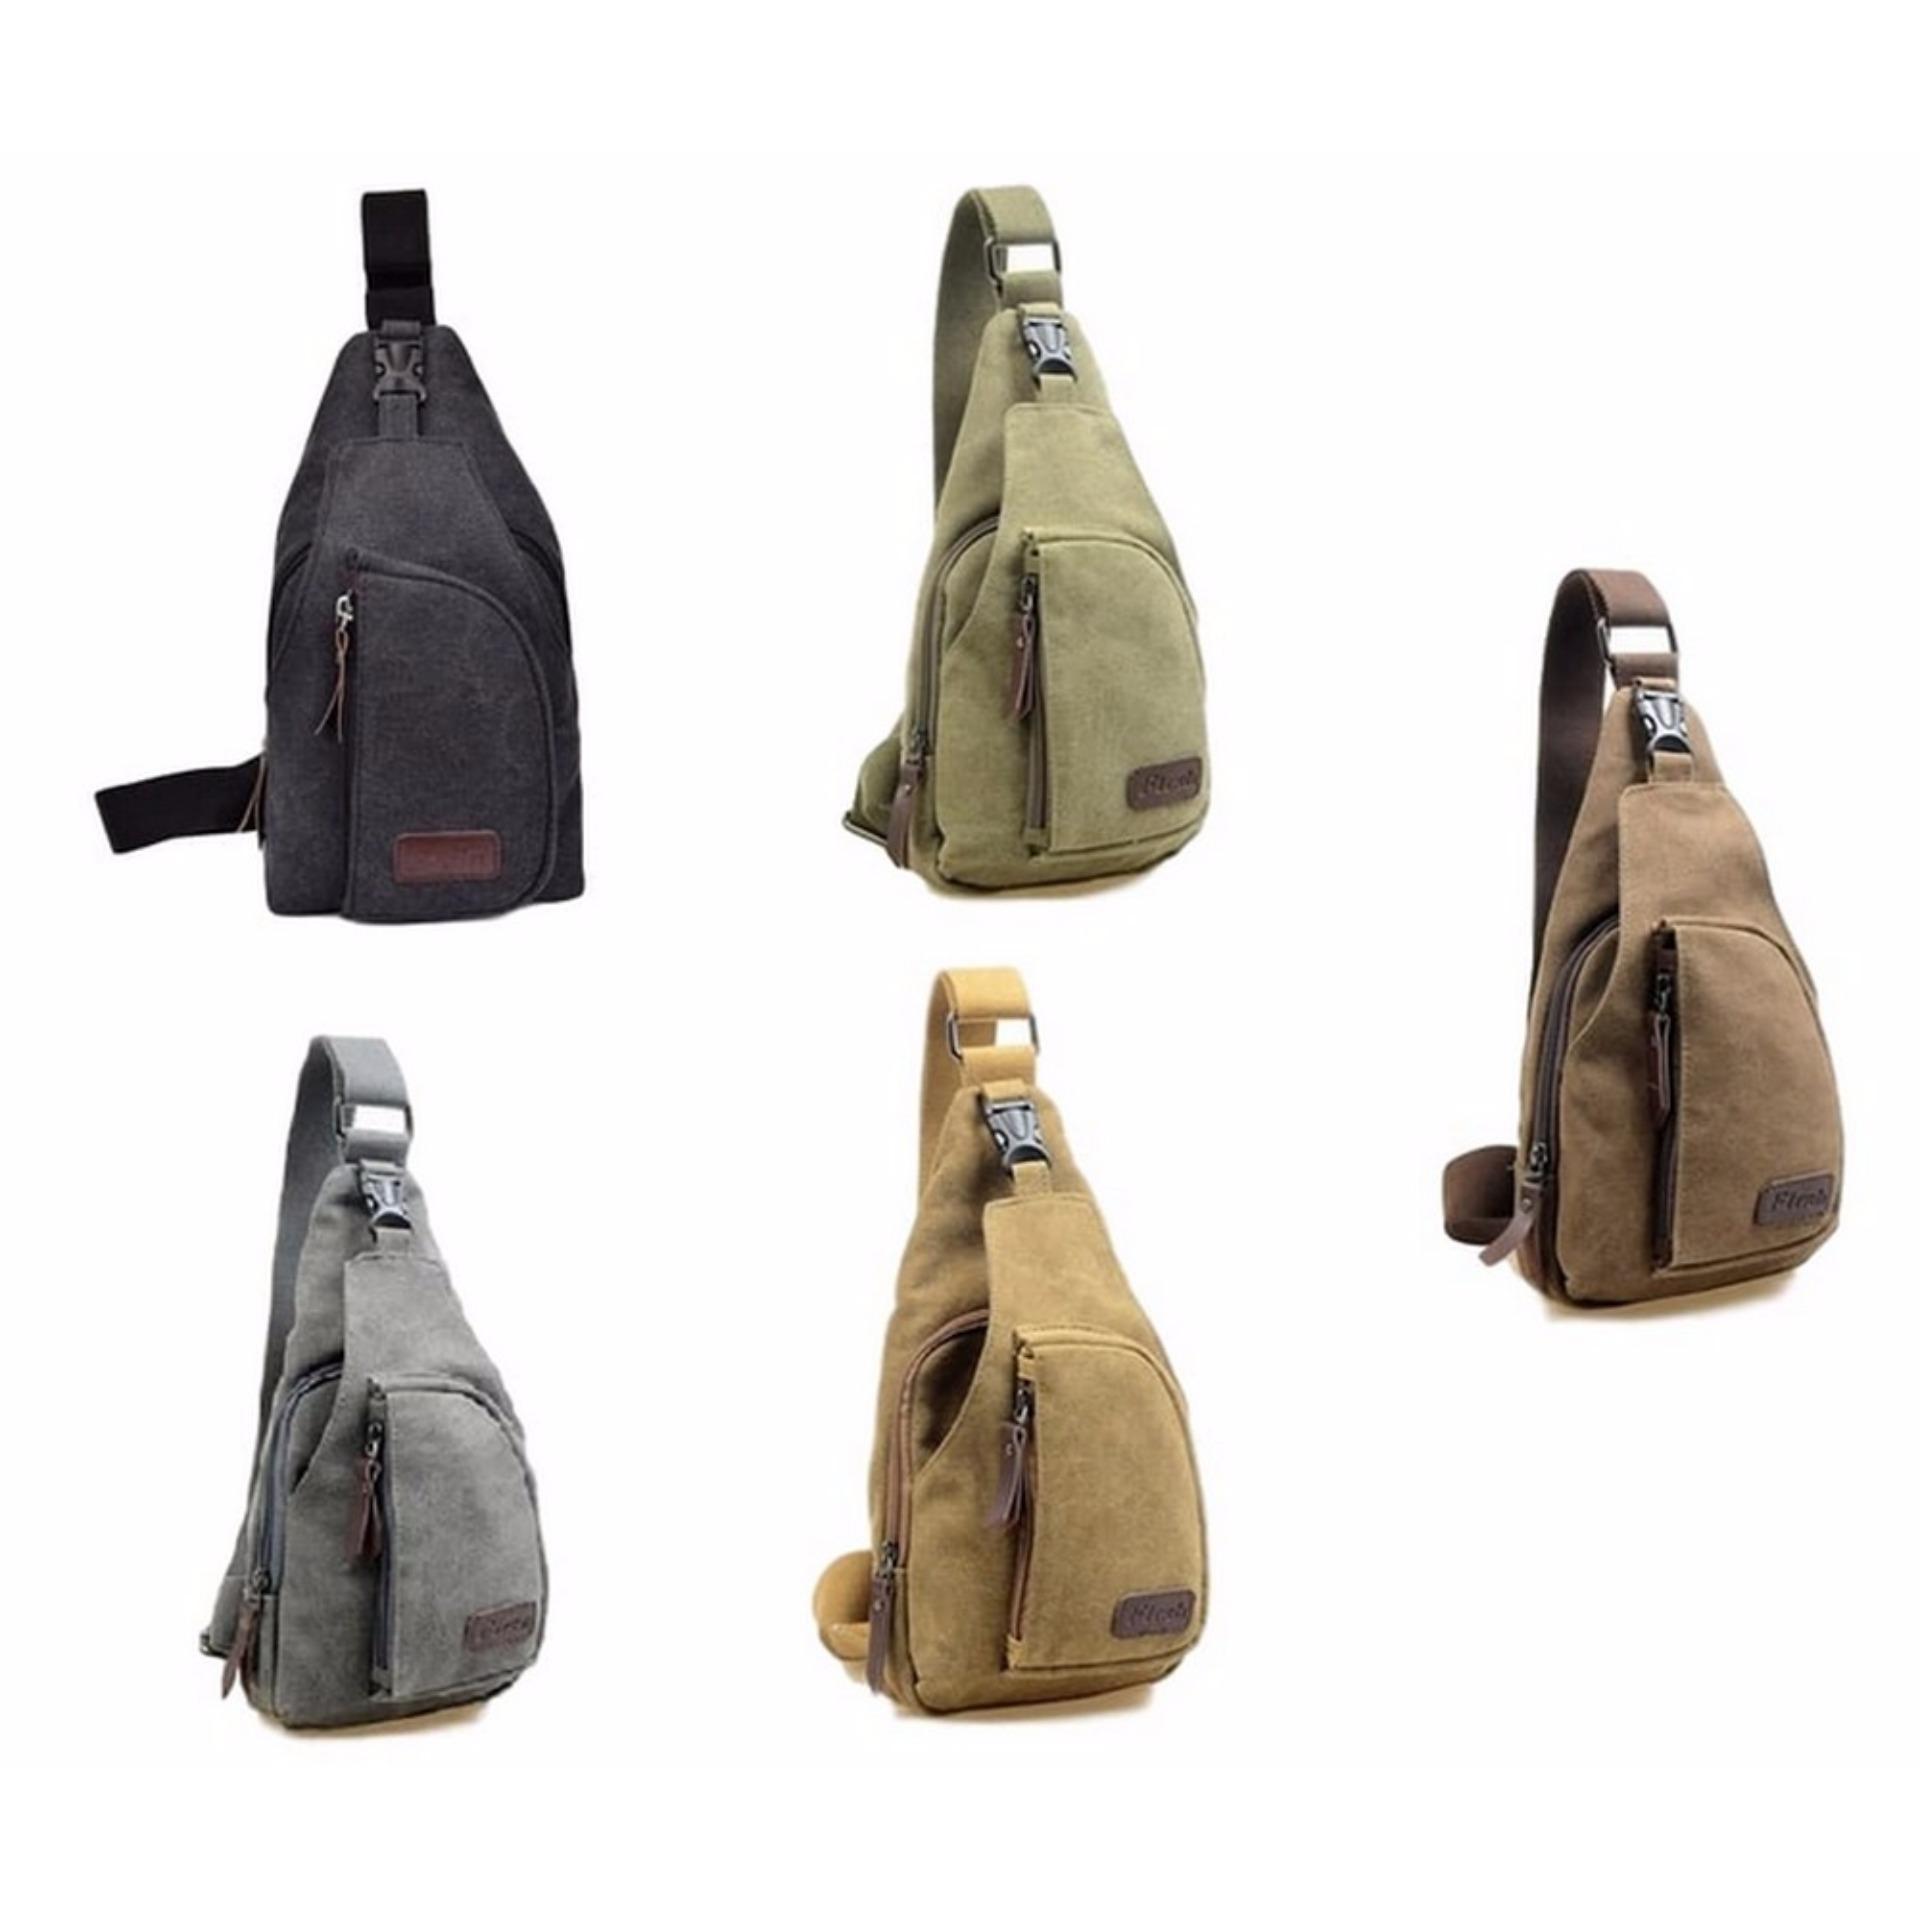 Beli Murah Harga Diskon Tas Tangan Pria Hand Bag Clutch Korea Impor Organizer Wanita Terjangkau Toko49 Selempang Krem